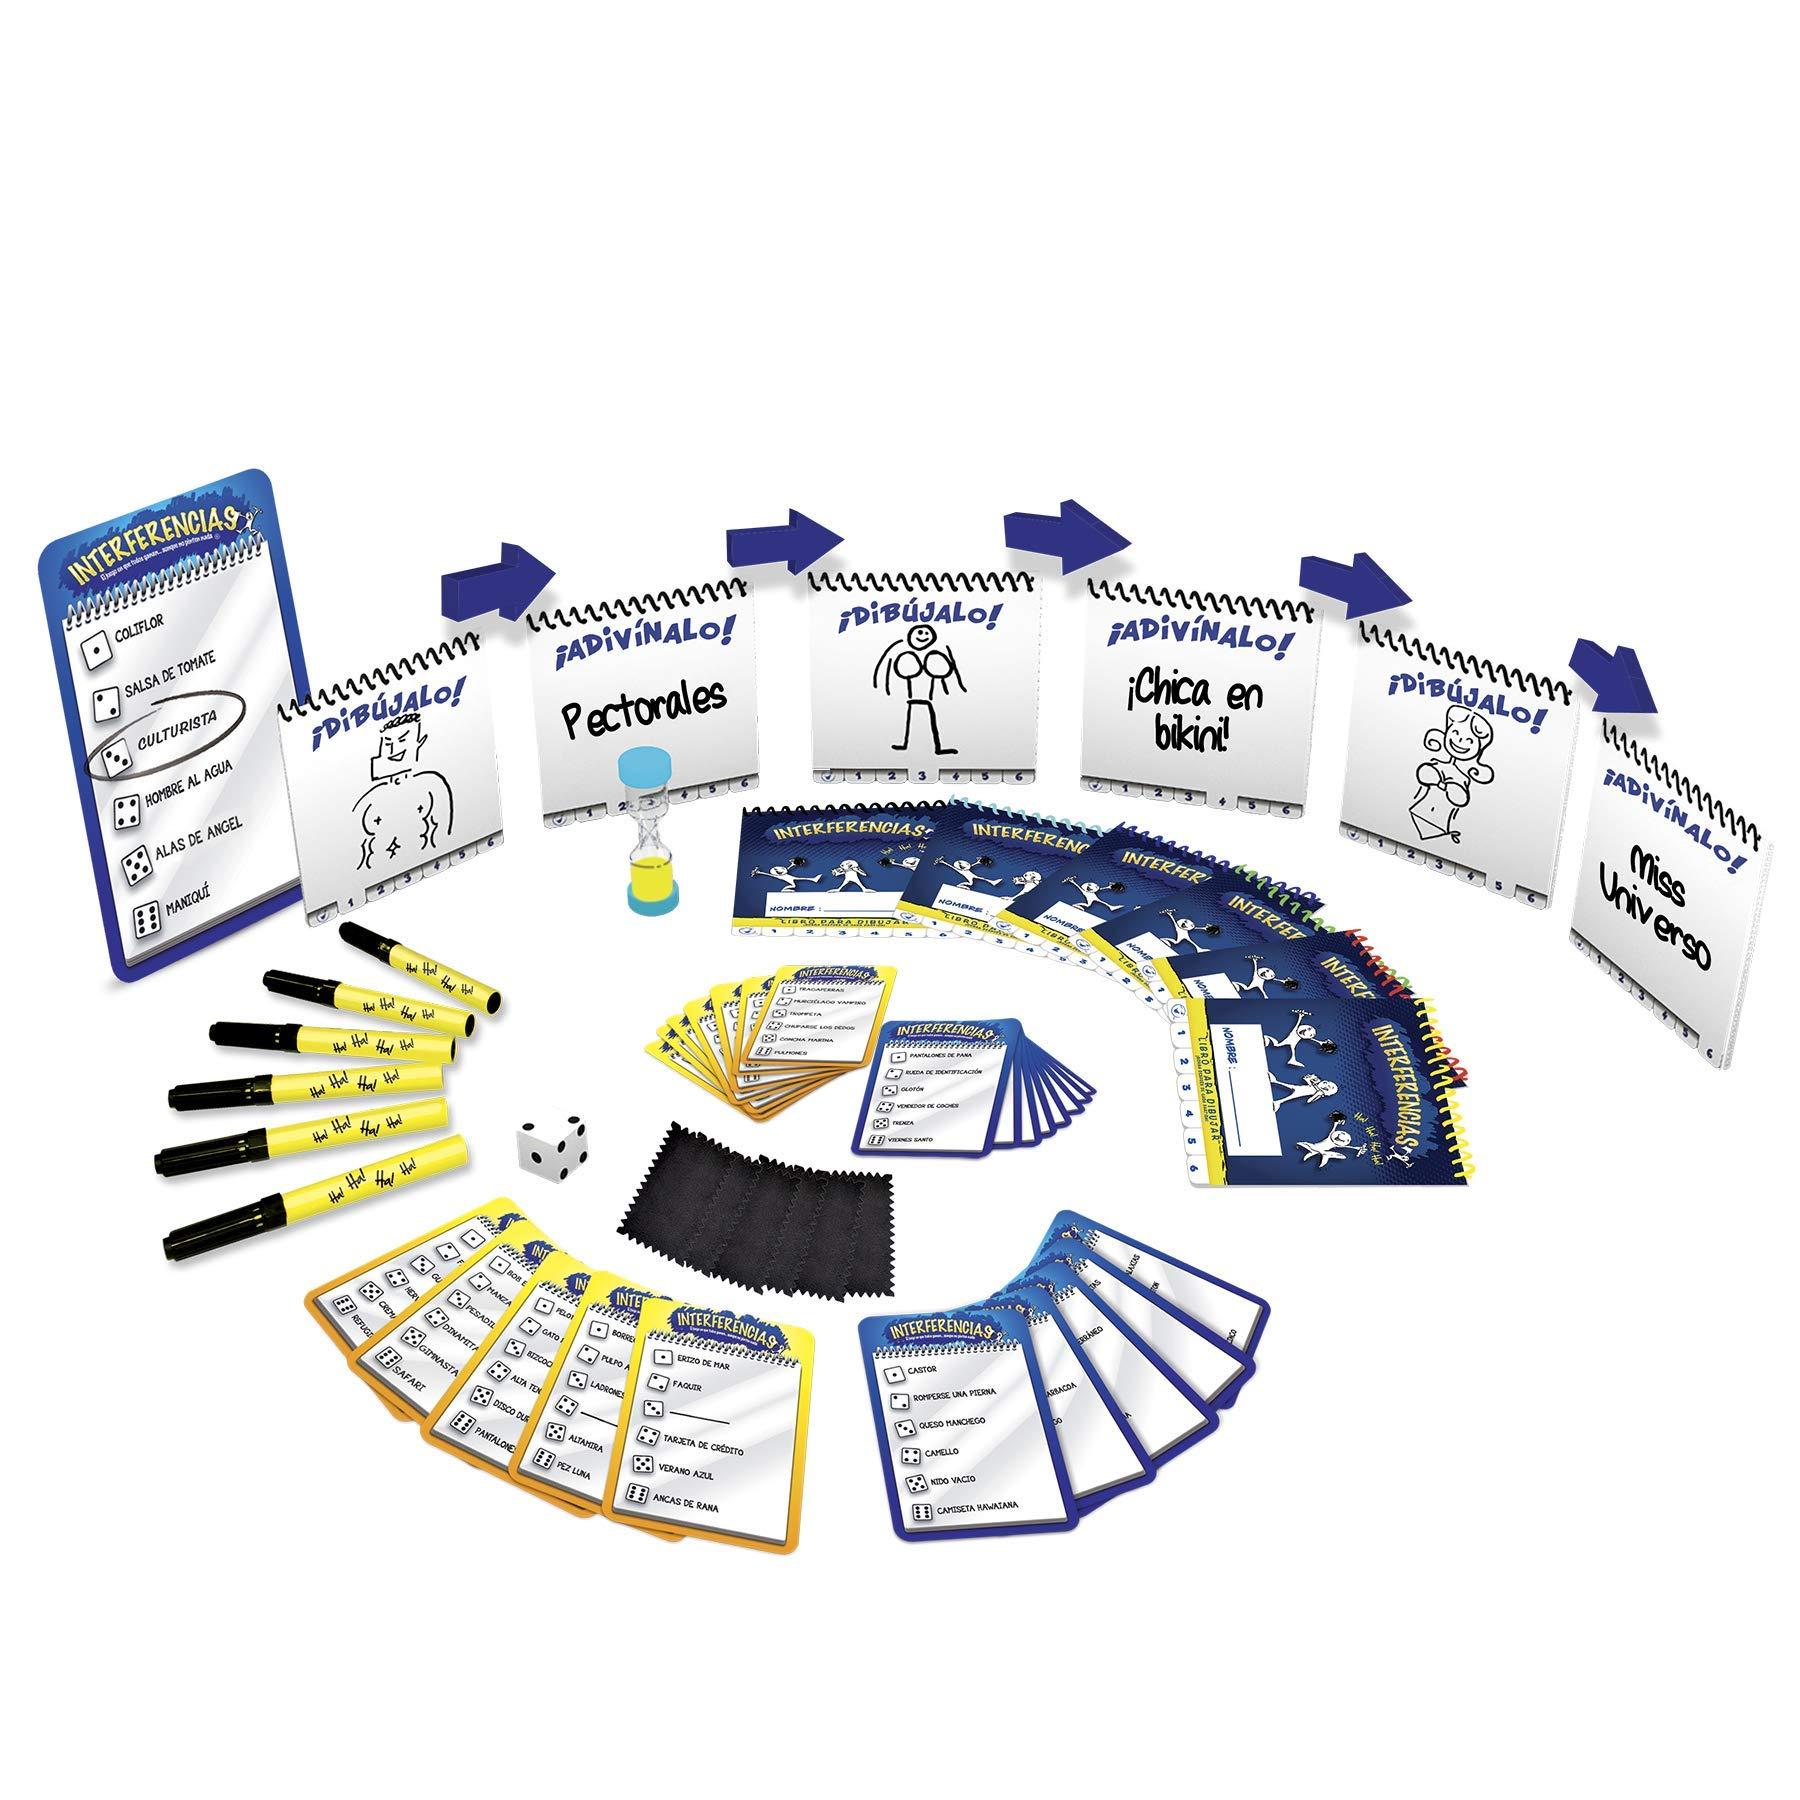 Goliath- Interferencias 6 Jugadores Juego de Mesa, Multicolor (76213): Amazon.es: Juguetes y juegos